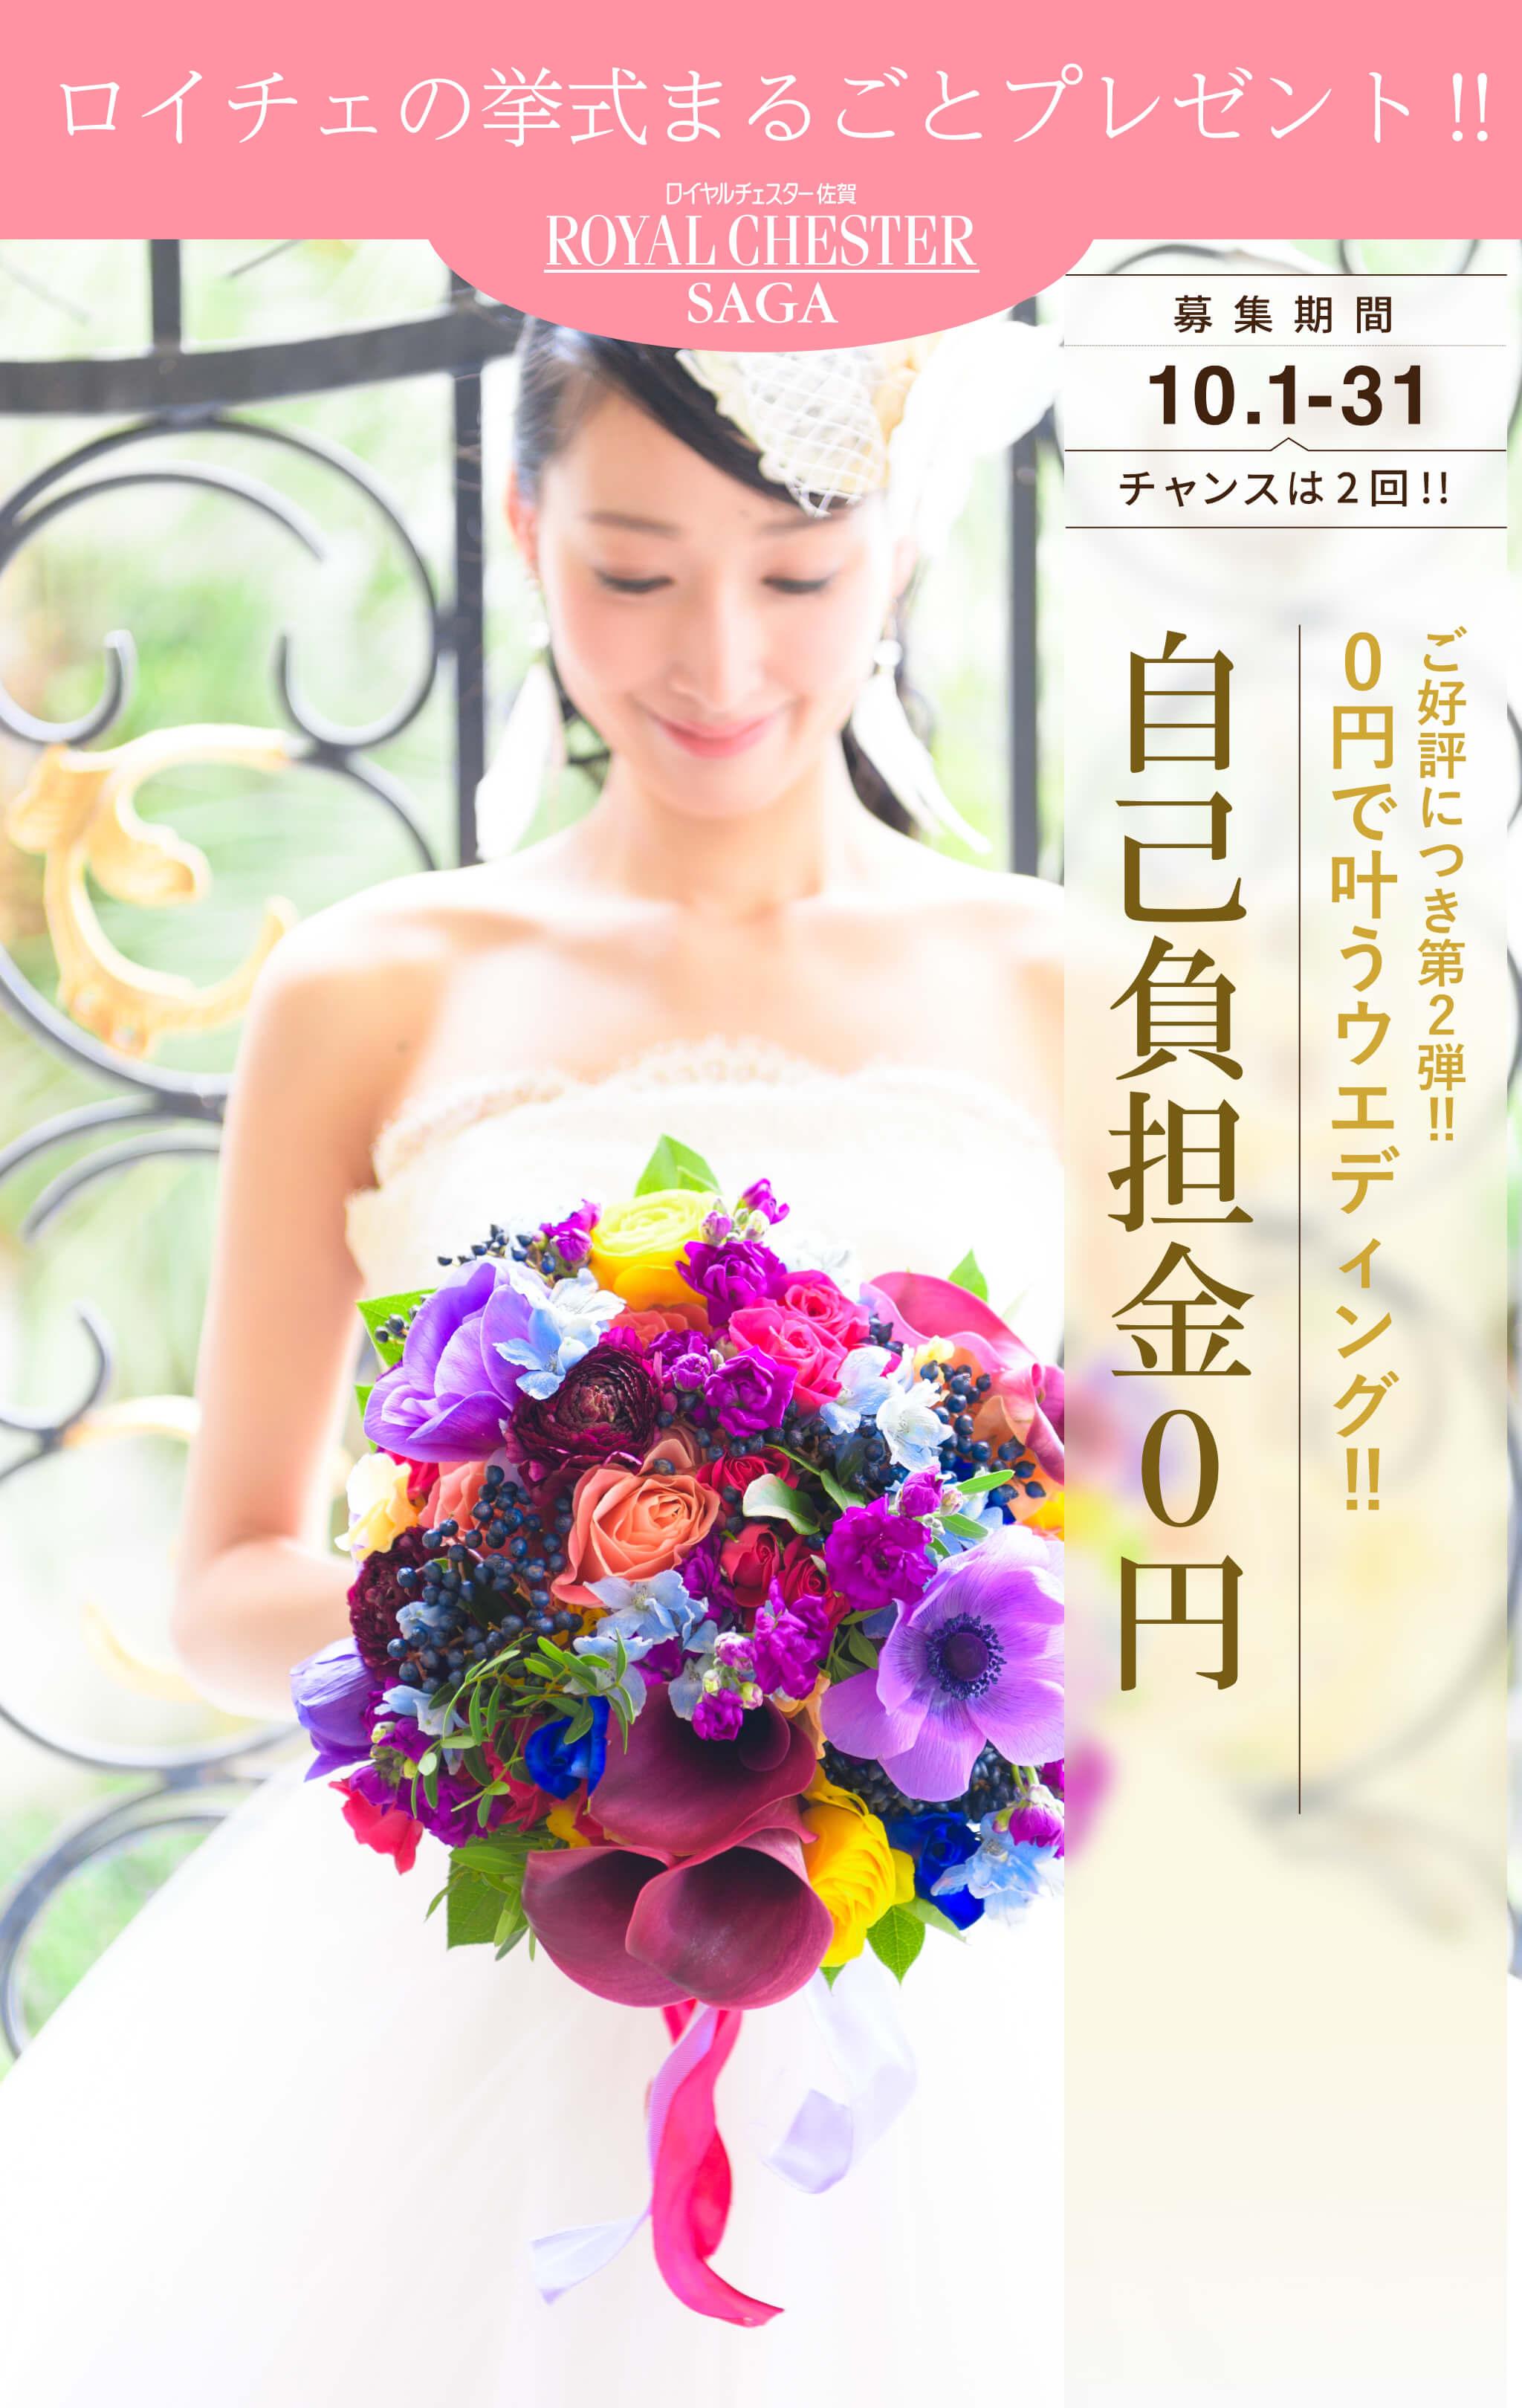 ロイヤルチェスター佐賀結婚式プレゼント